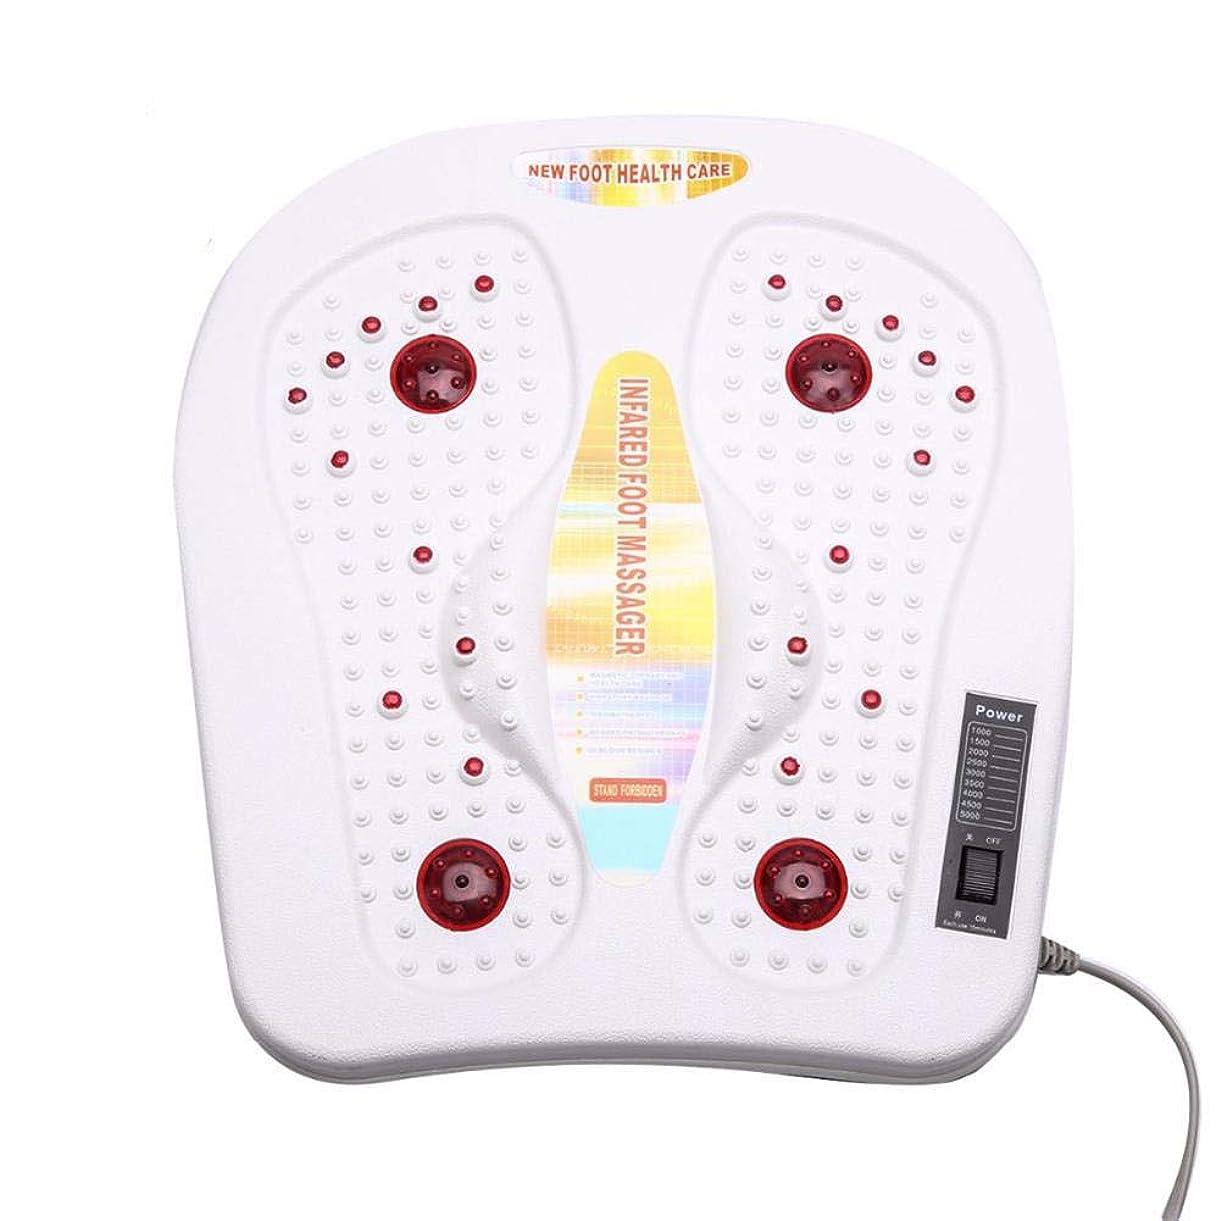 動子孫祖父母を訪問Cckrm Foot Massager指圧ディープニーディングで足の痛みを和らげ、足裏マッサージャーで切り替え可能な熱機能、ホームオフィス向け